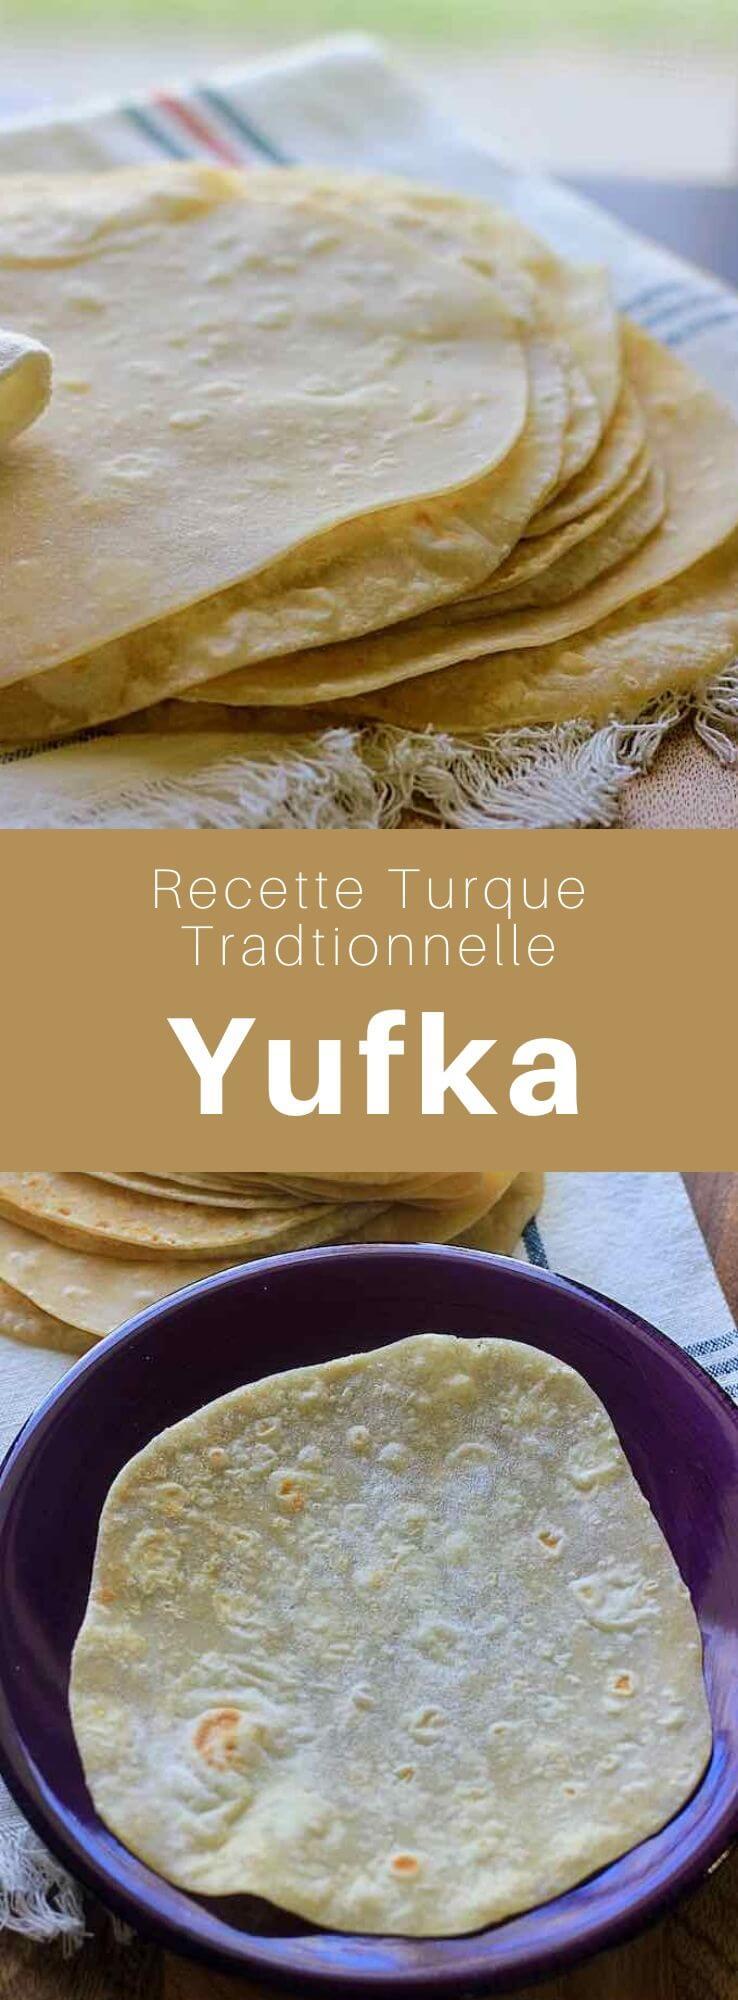 Le yufka est un pain plat fin, rond et sans levain de la cuisine turque, similaire au lavash. Dans la langue turque, yufka signifie également pâte phyllo. #Turquie #RecetteTurque #CuisineTurque #CuisineDuMonde #196flavors